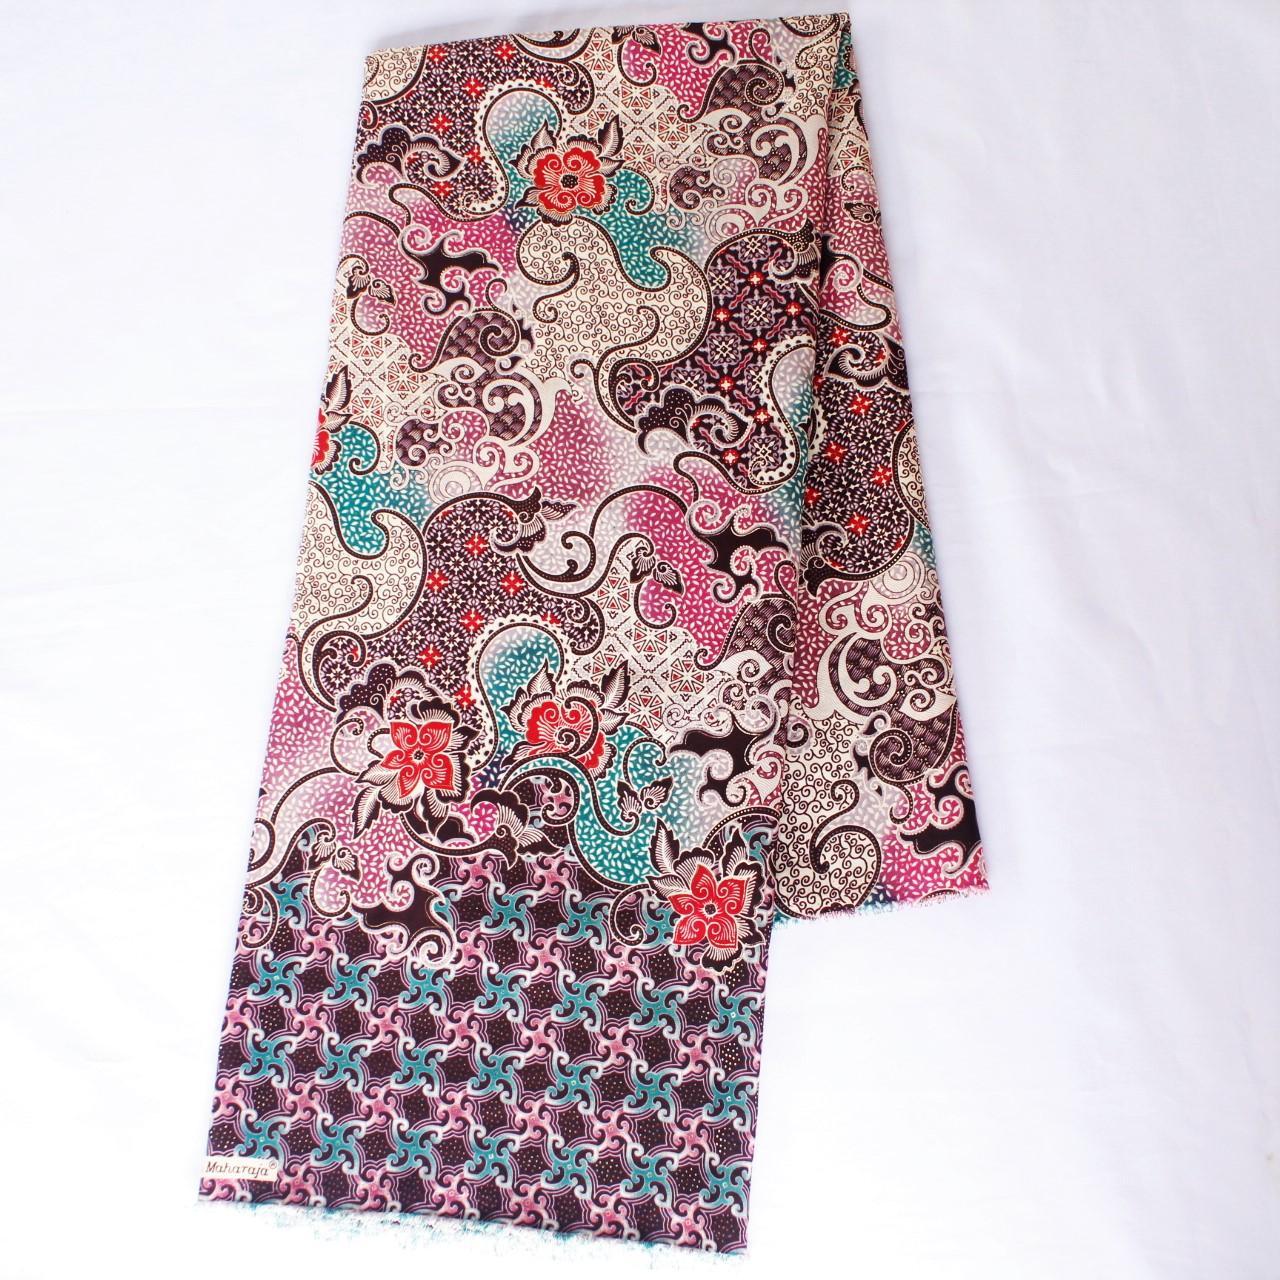 KBS022 Kain Batik Meteran Semi Sutra Bawahan Kebaya Modern Bahan